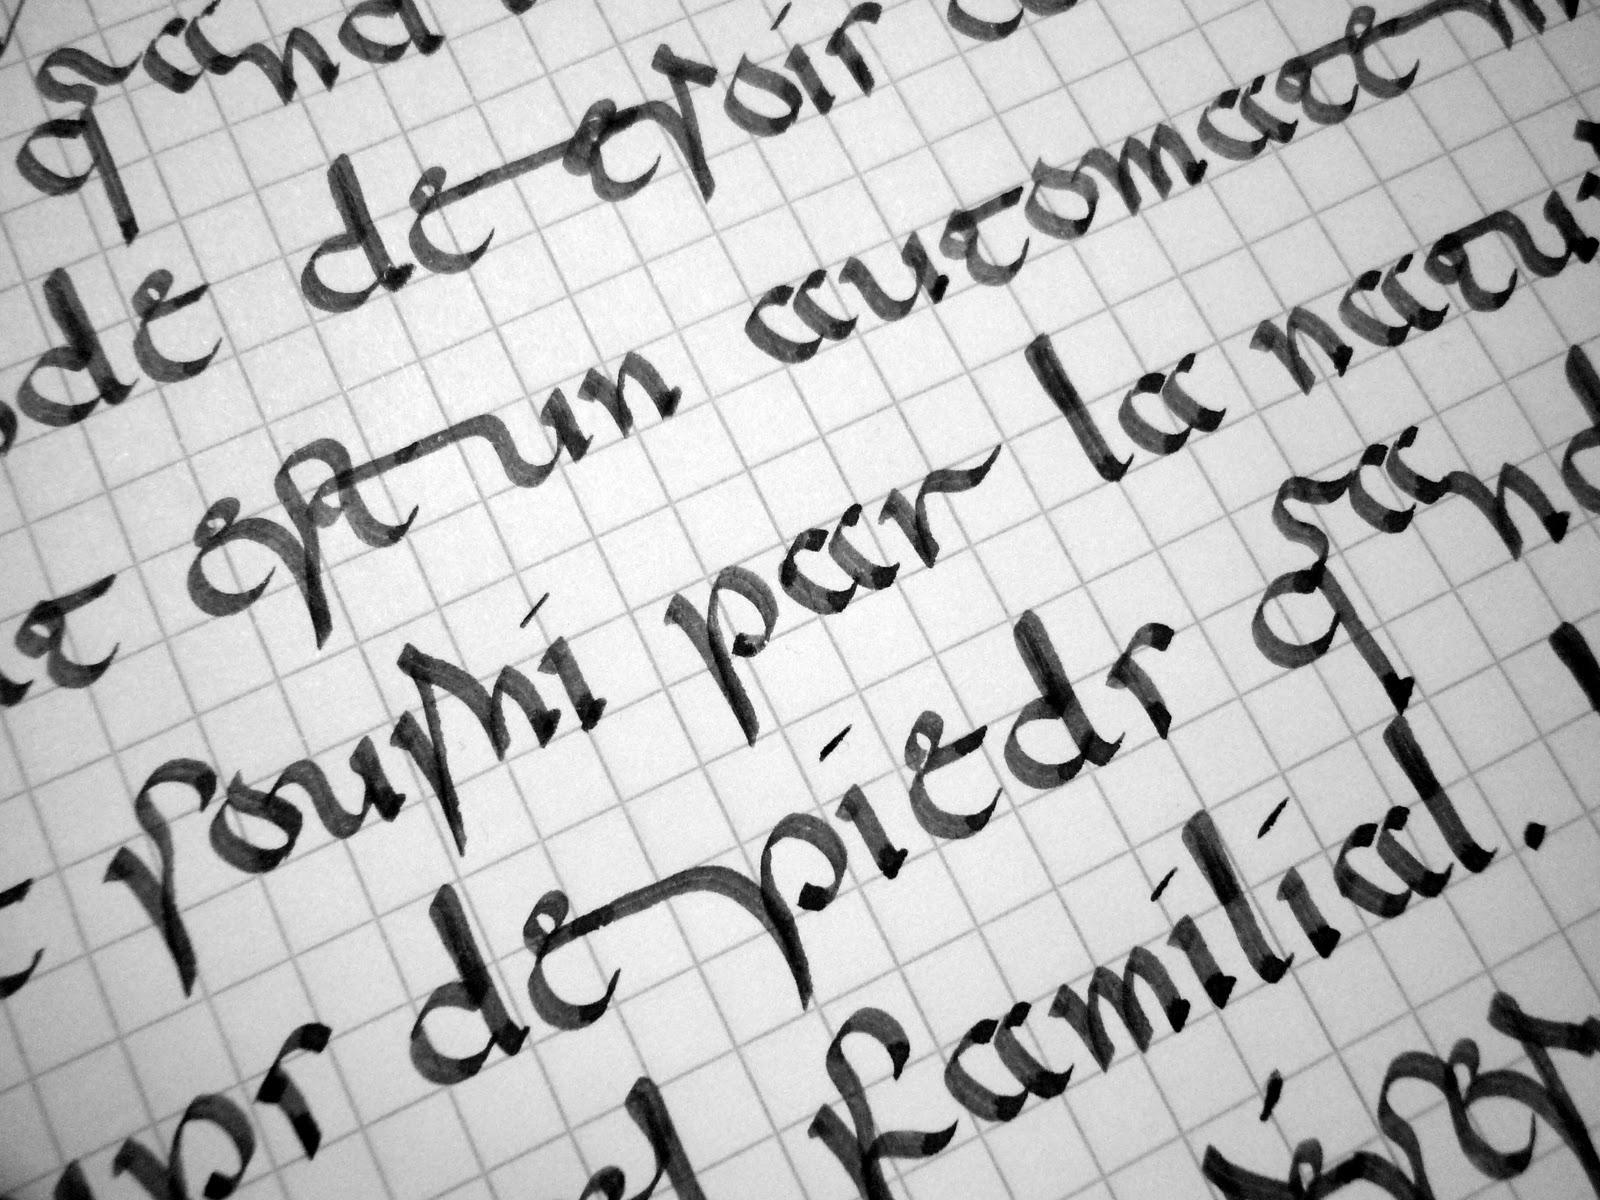 Modele De Lettre Pour Tatouage - Natcalli Tatouages Lettres Facebook